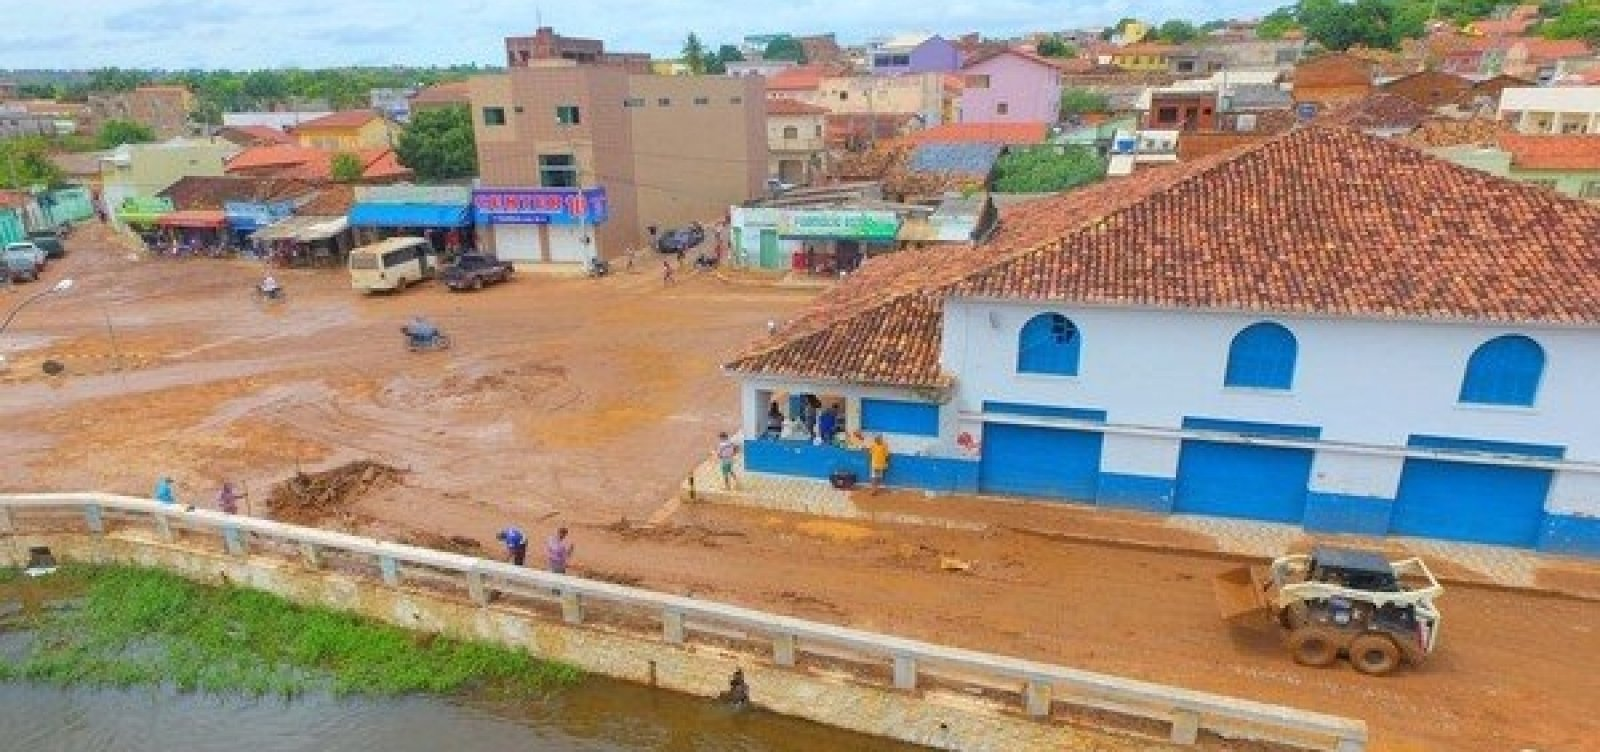 [Prefeitura de Correntina decreta situação de emergência após fortes chuvas]